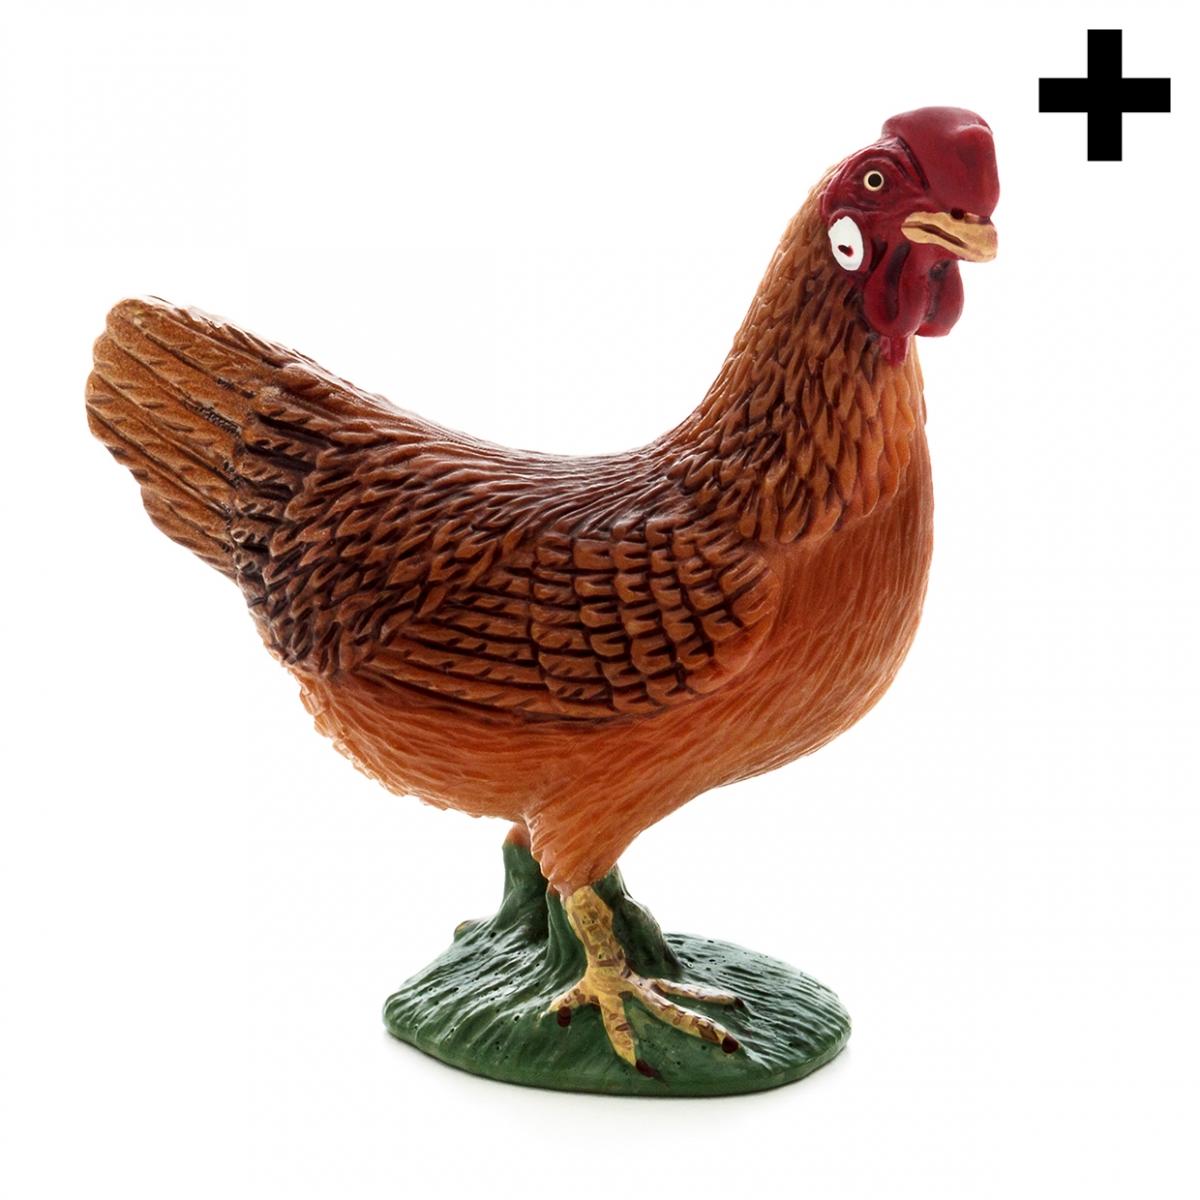 Imagen en la que se ve una gallina en perspectiva lateral